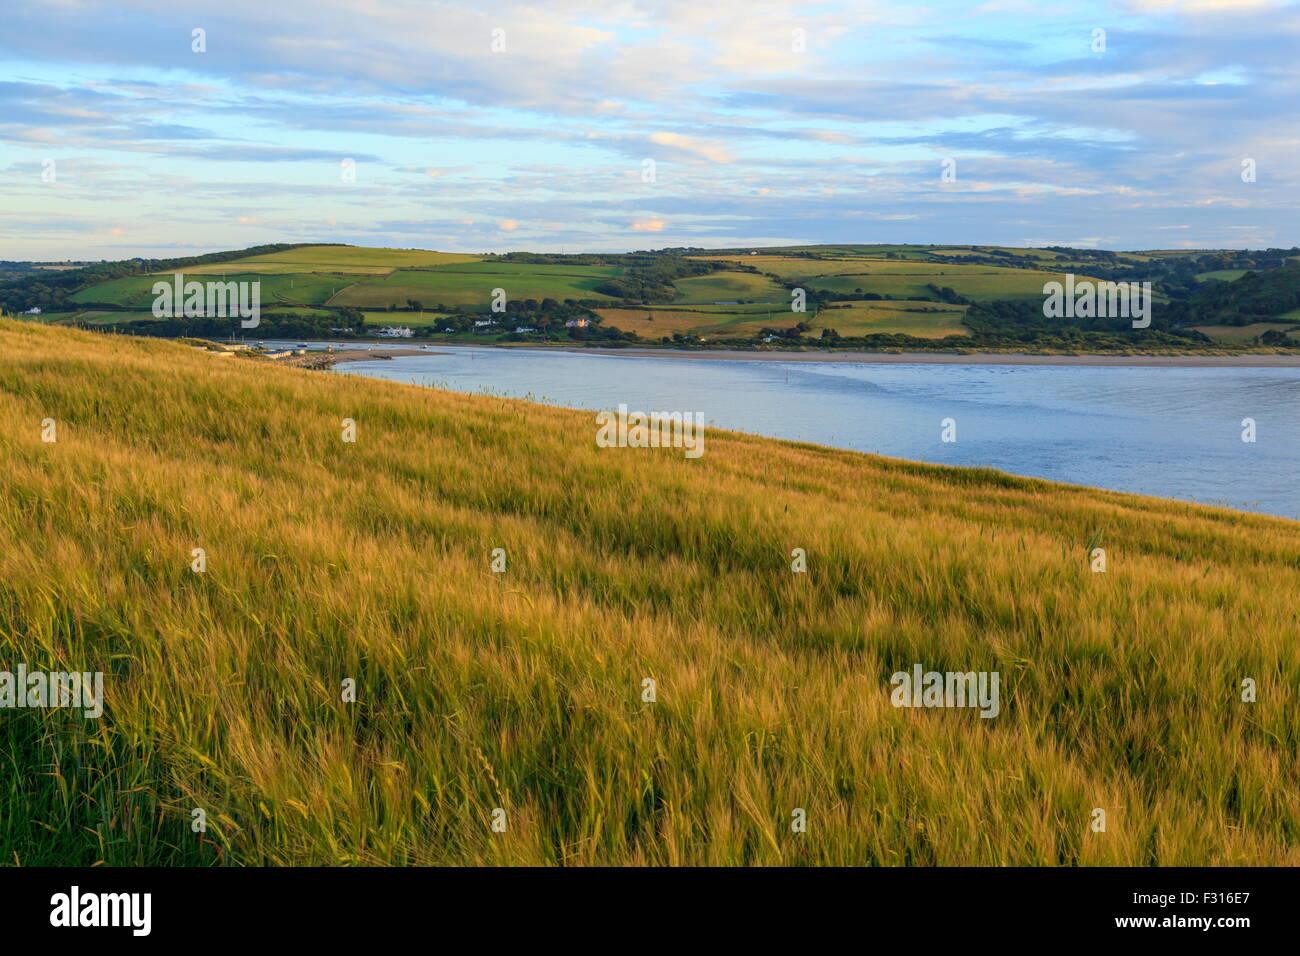 Poppit Sands et l'estuaire de Teifi est affiché dans un champ de blé Banque D'Images